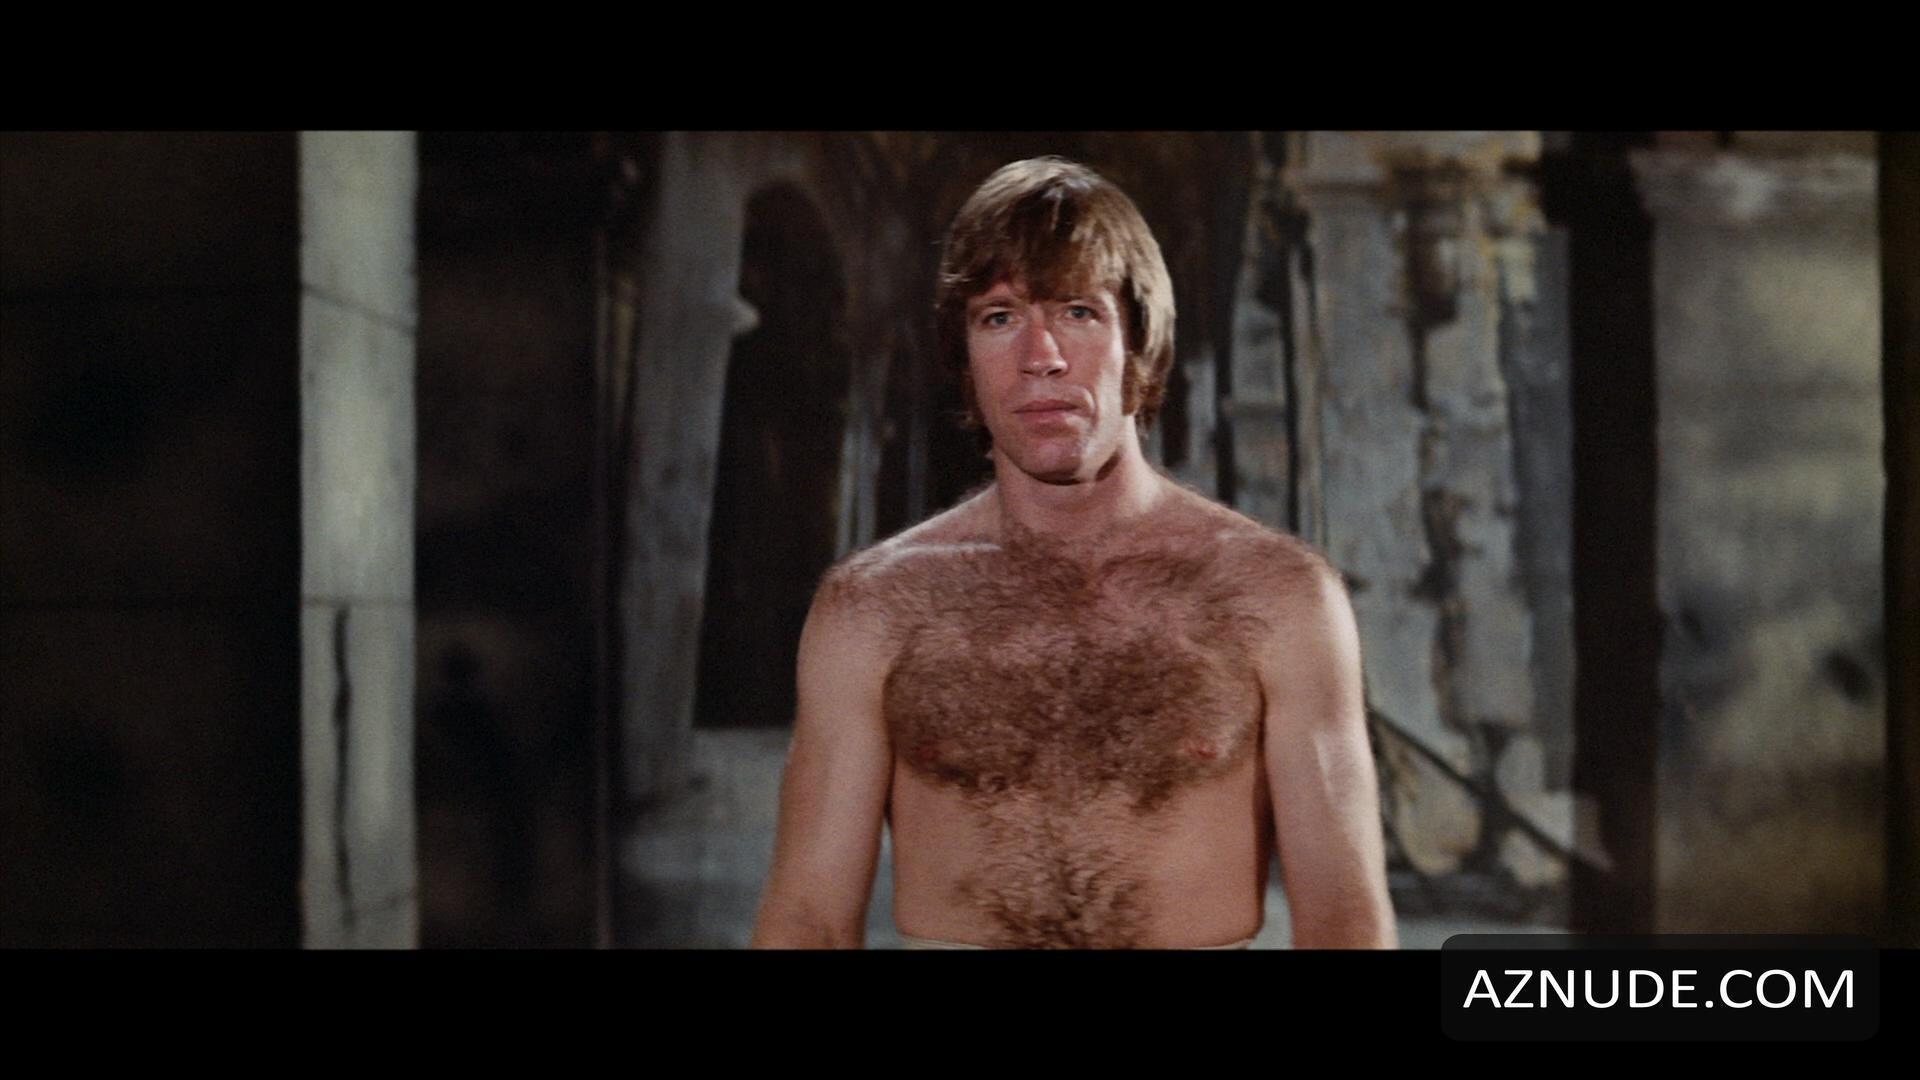 Bikini Chuck Norris Nude Pic